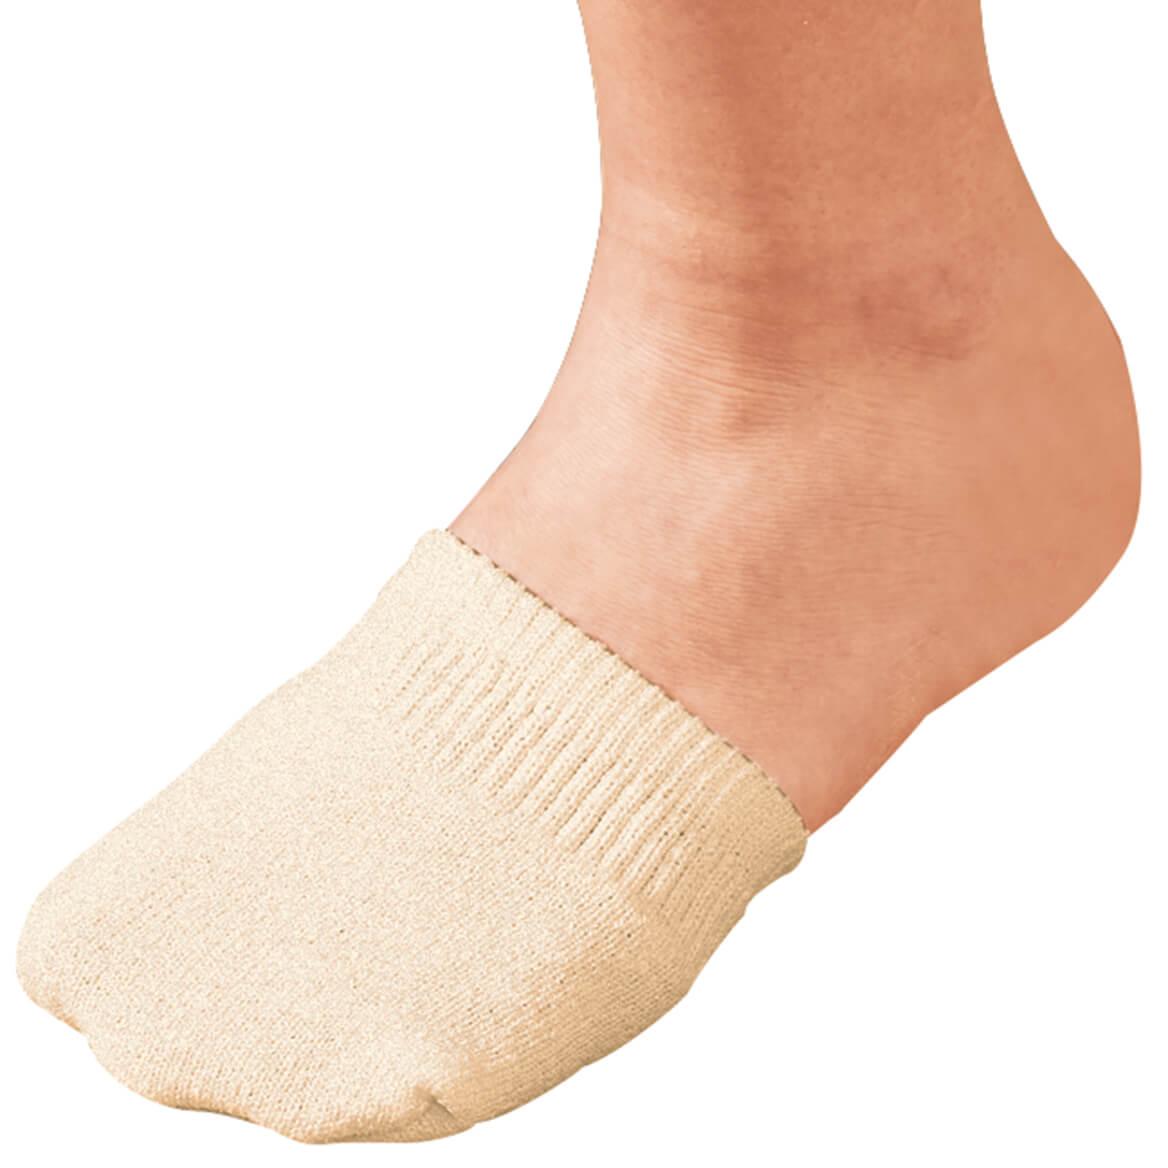 Toe Half Socks 2 Pair - Natural